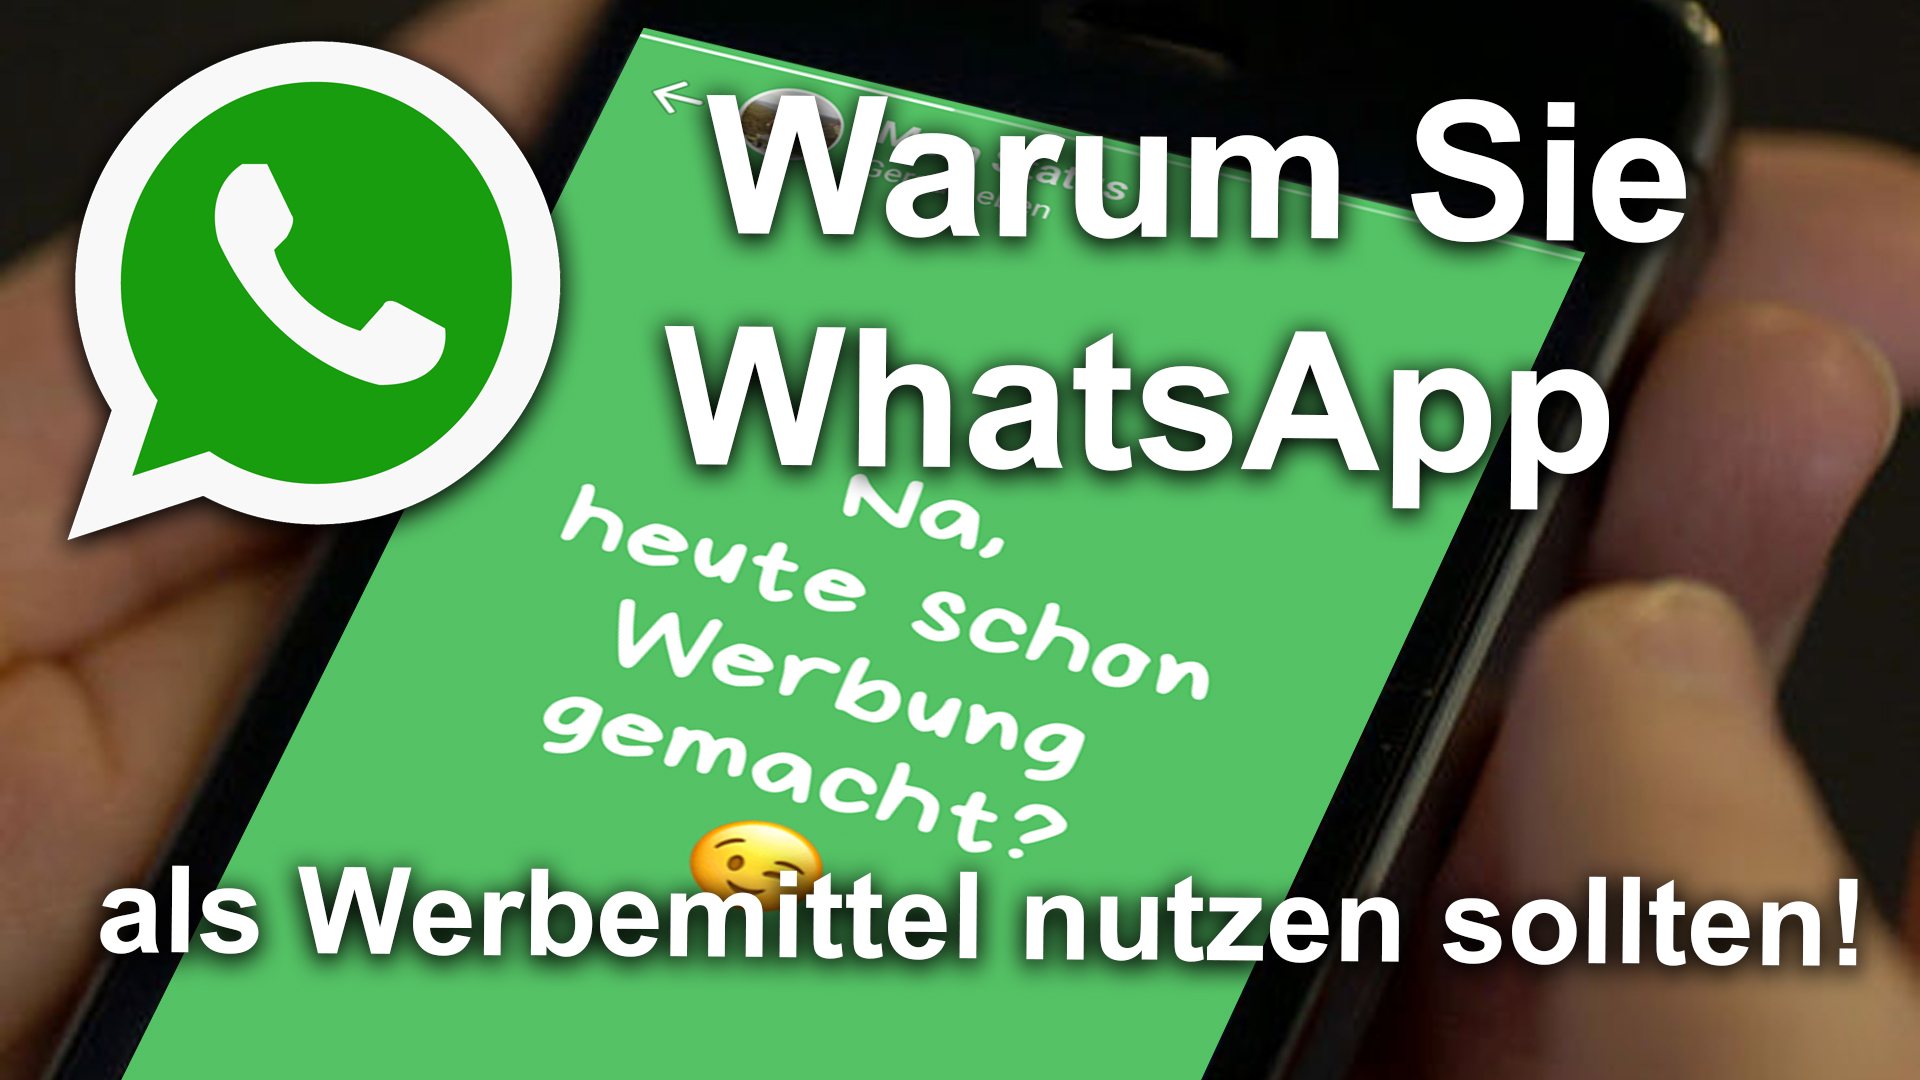 Warum Sie WhatsApp als Werbemittel nutzen sollten